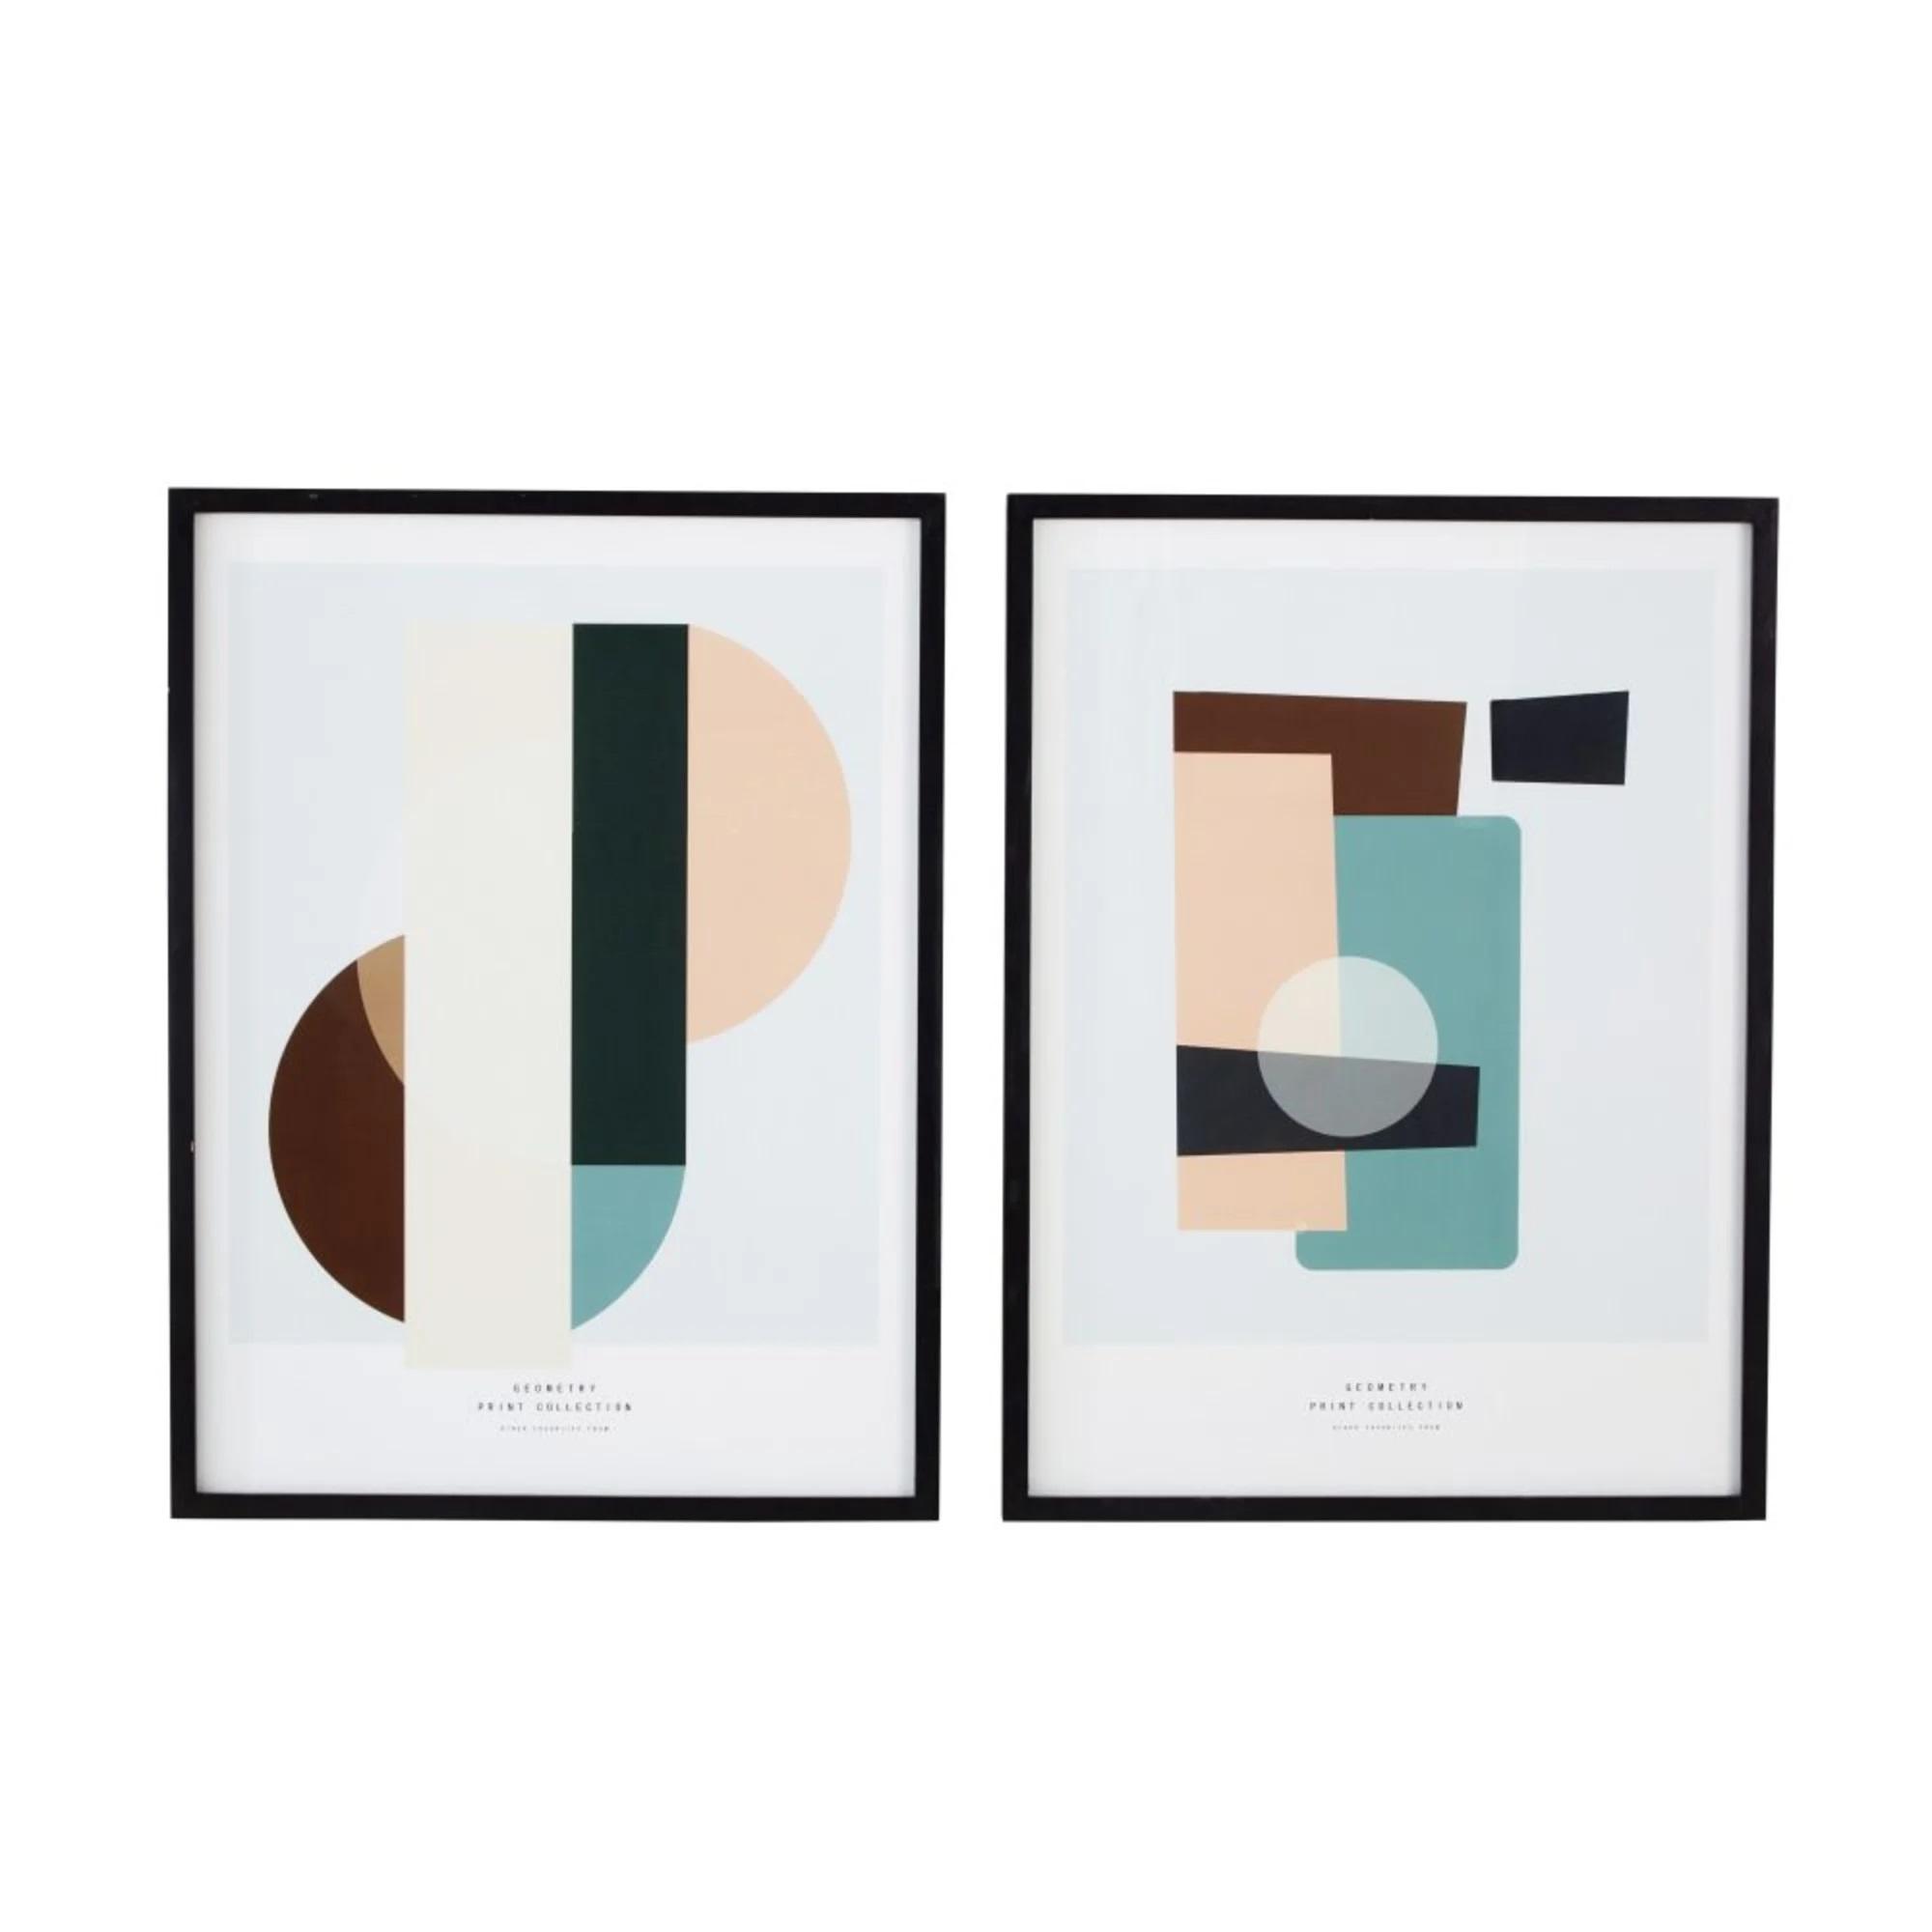 Set de dos ilustraciones de letras geométricas